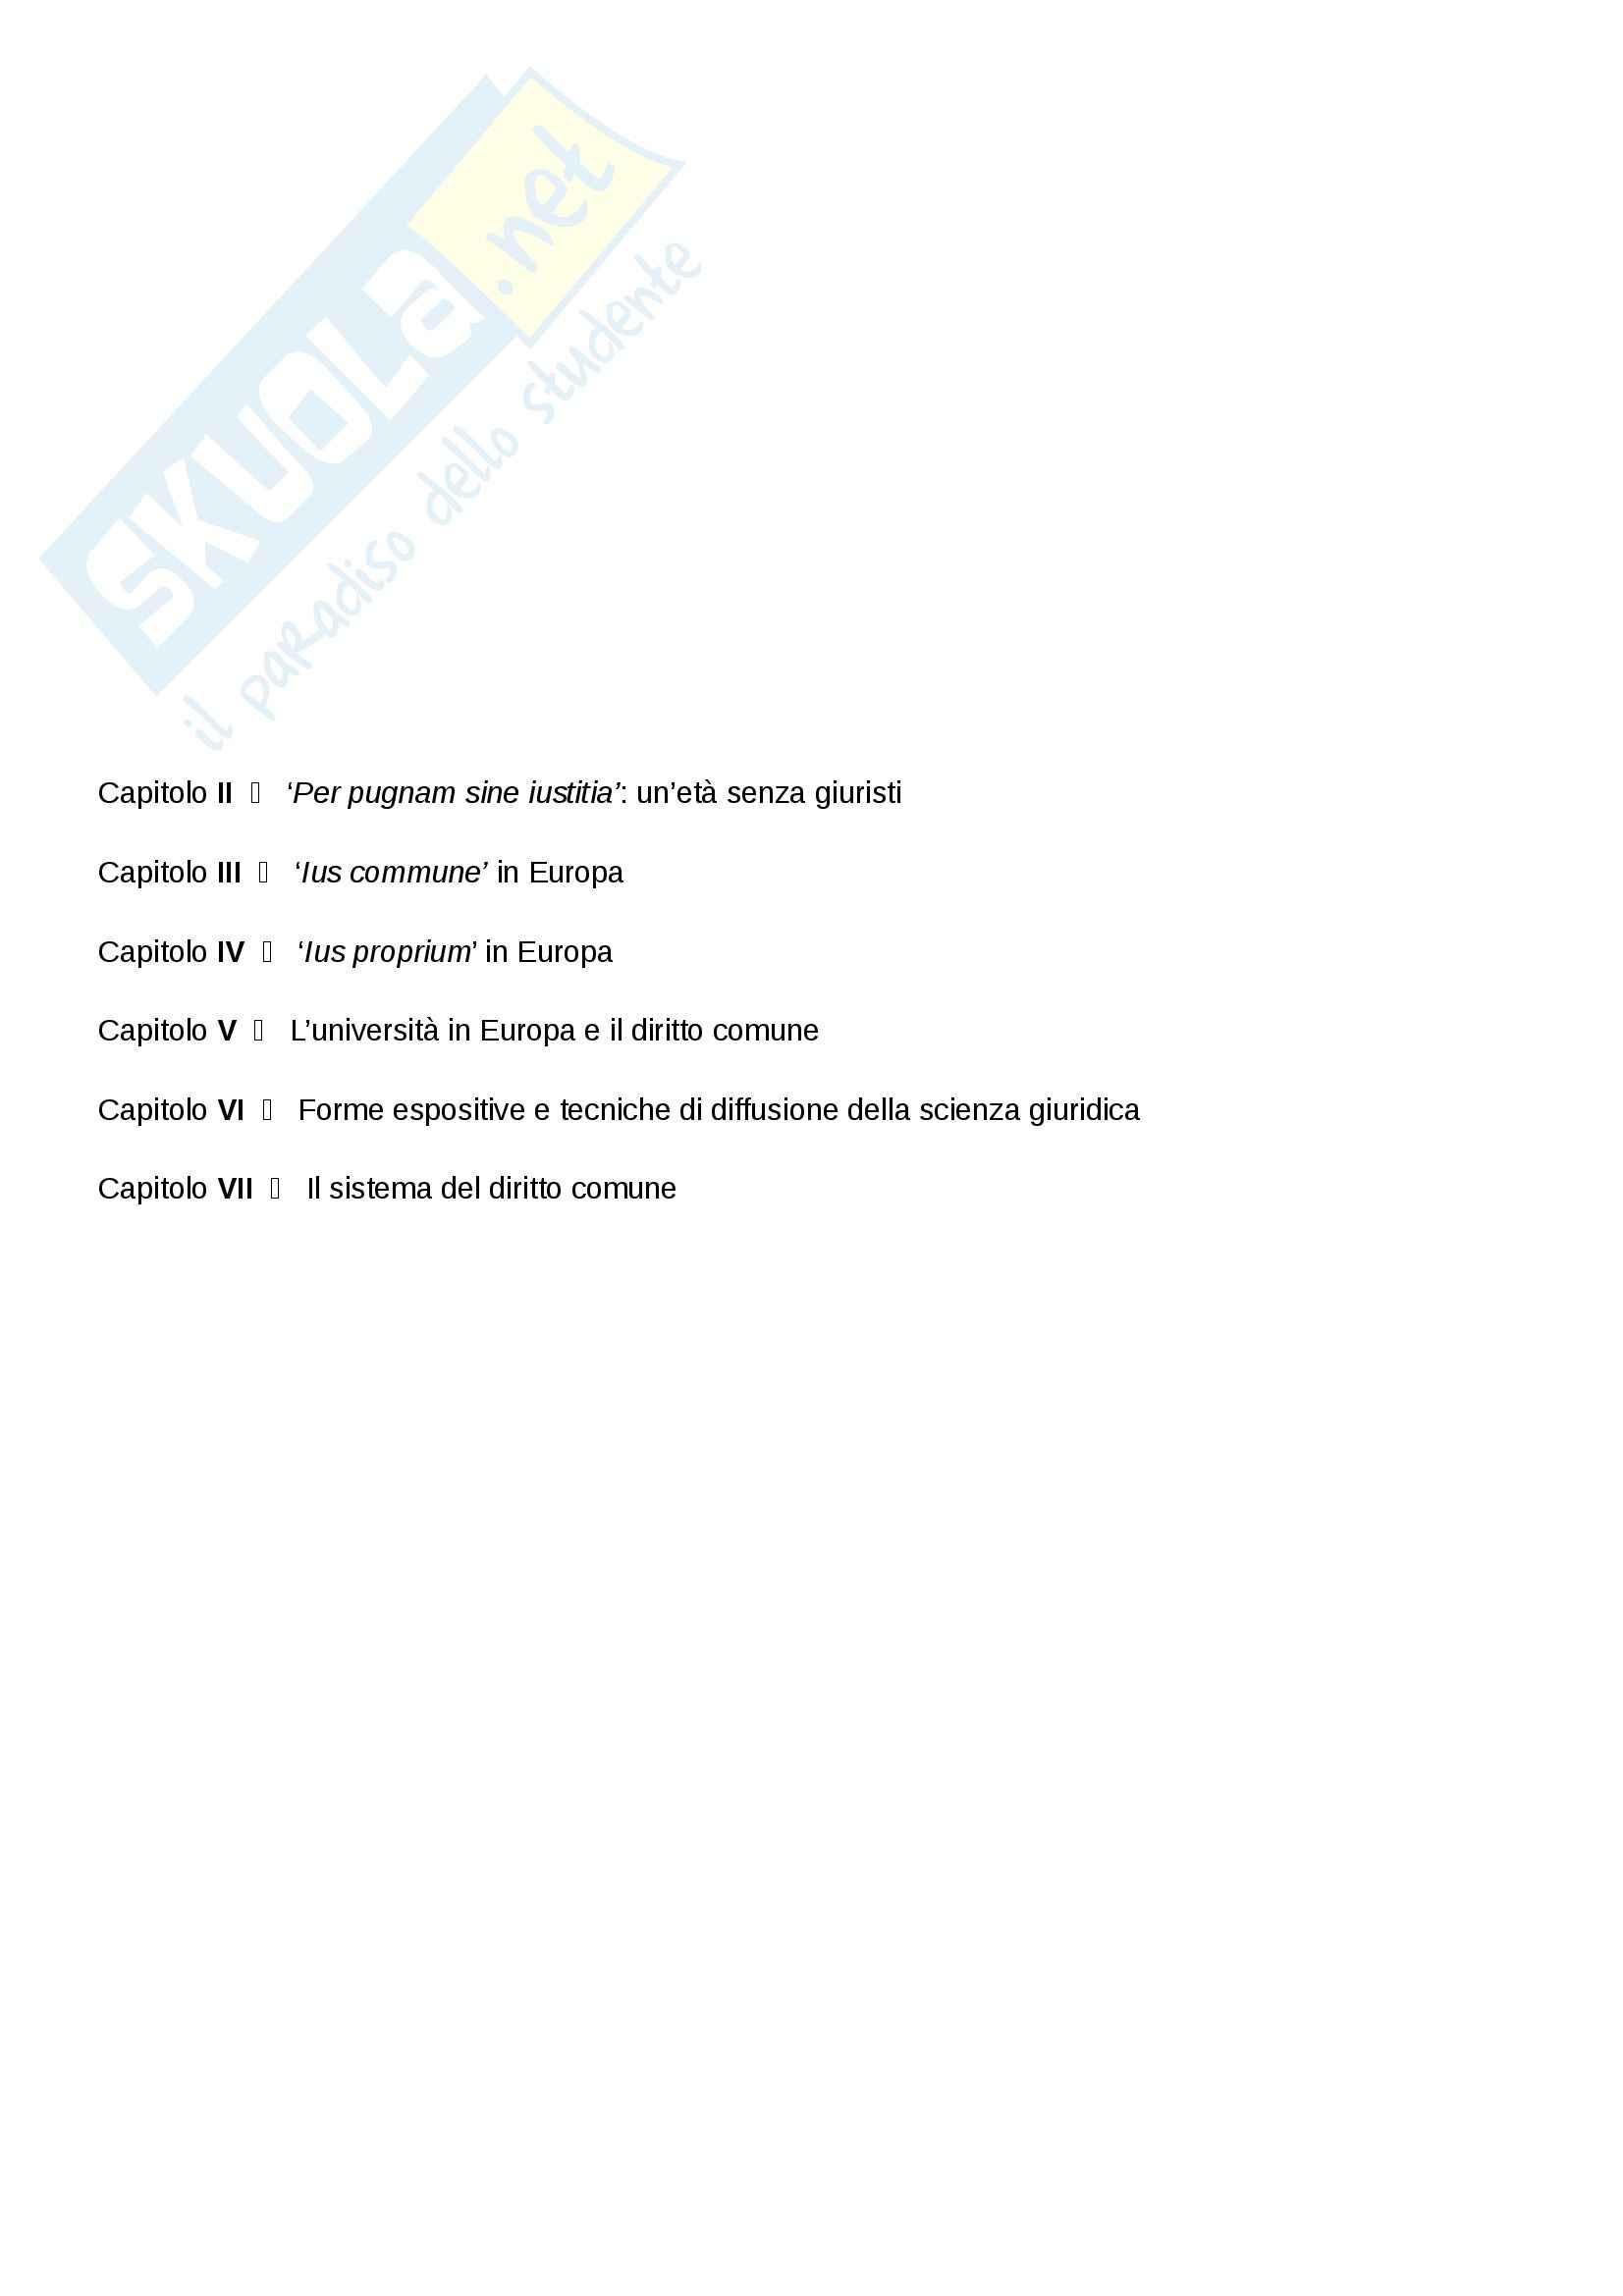 Riassunto esame Diritto, prof. Cavina, libro consigliato L'Europa del diritto comune, Bellomo